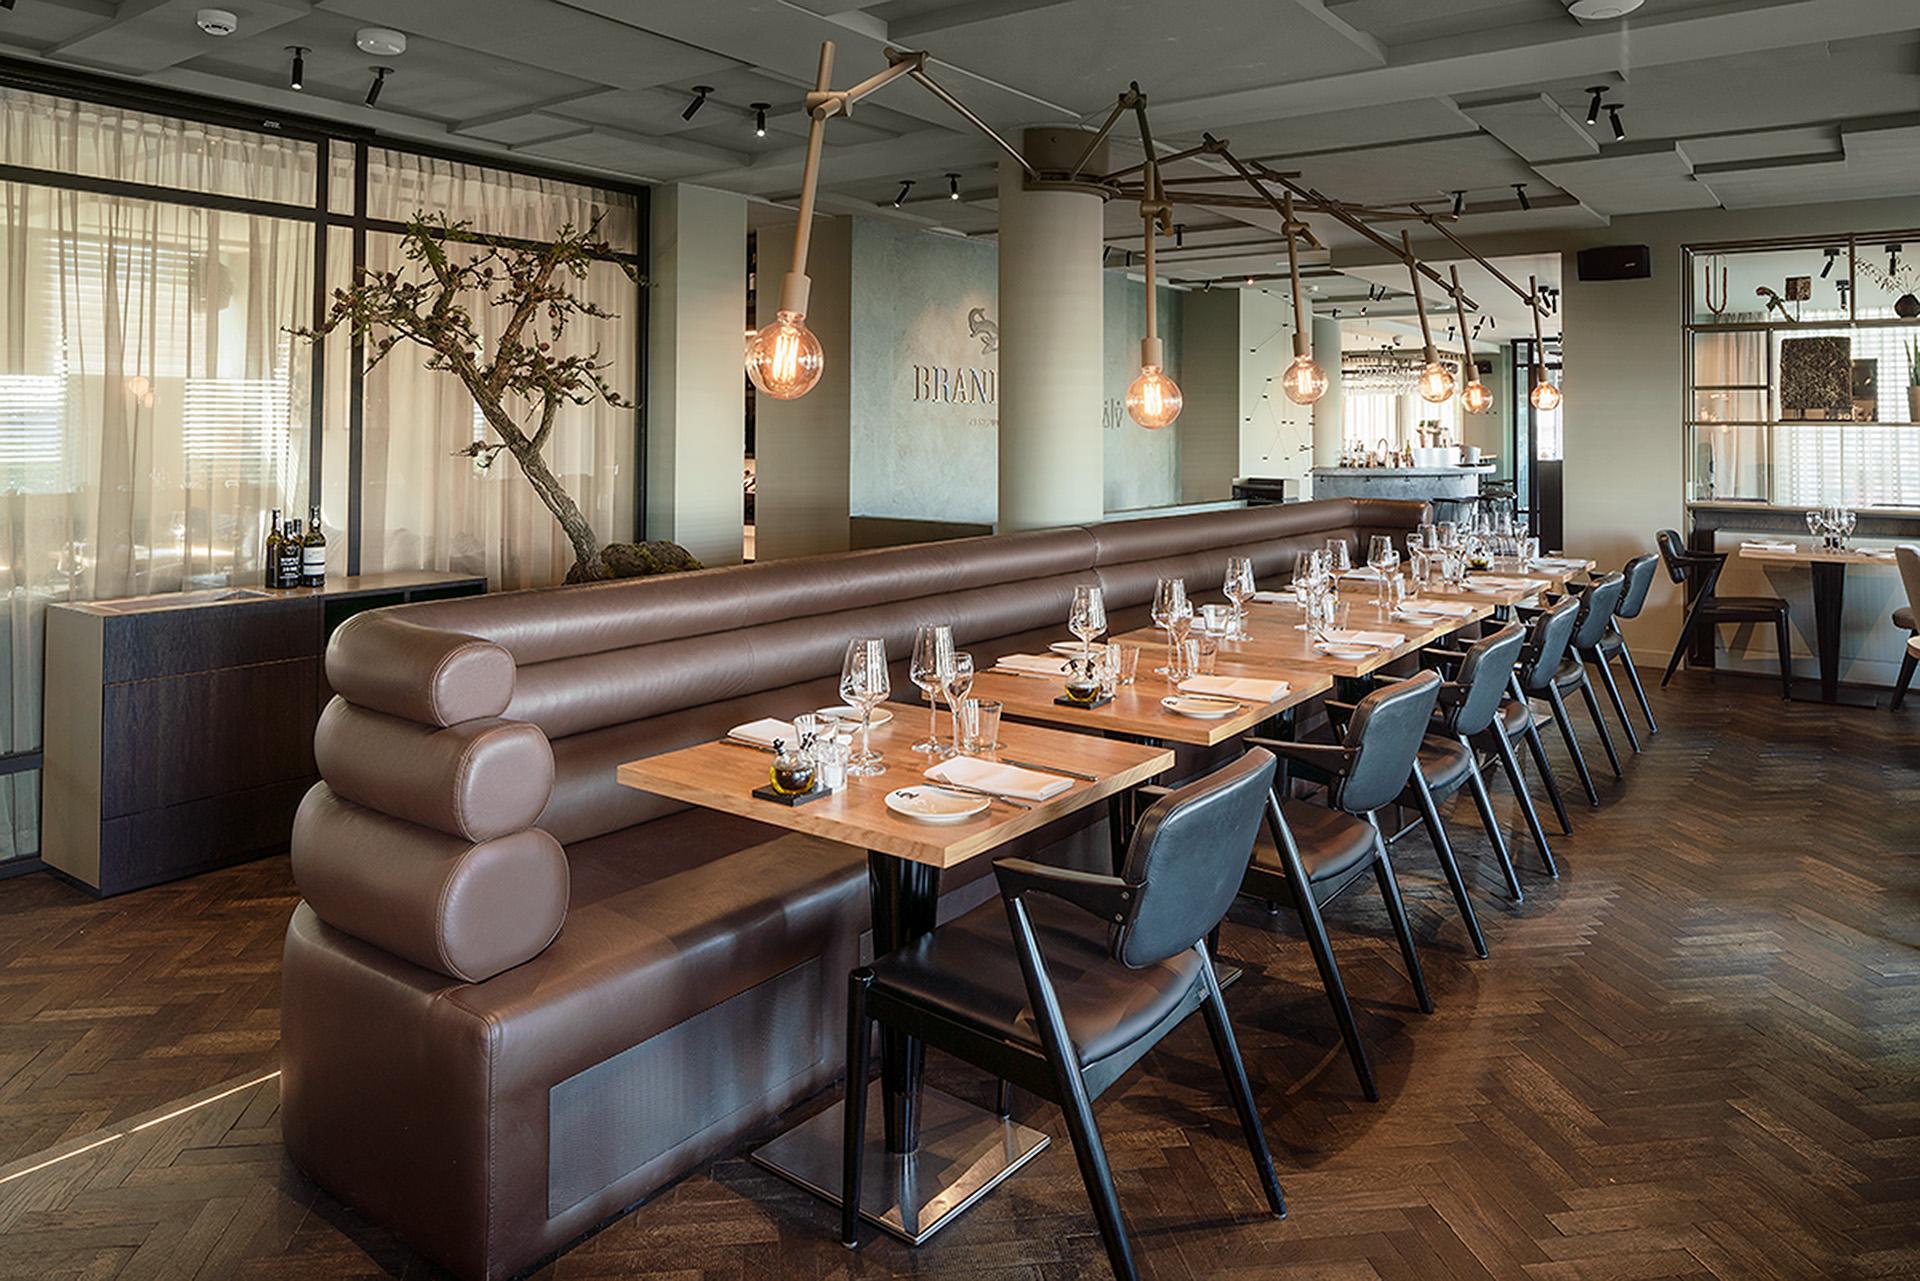 restaurant brandson Maastricht